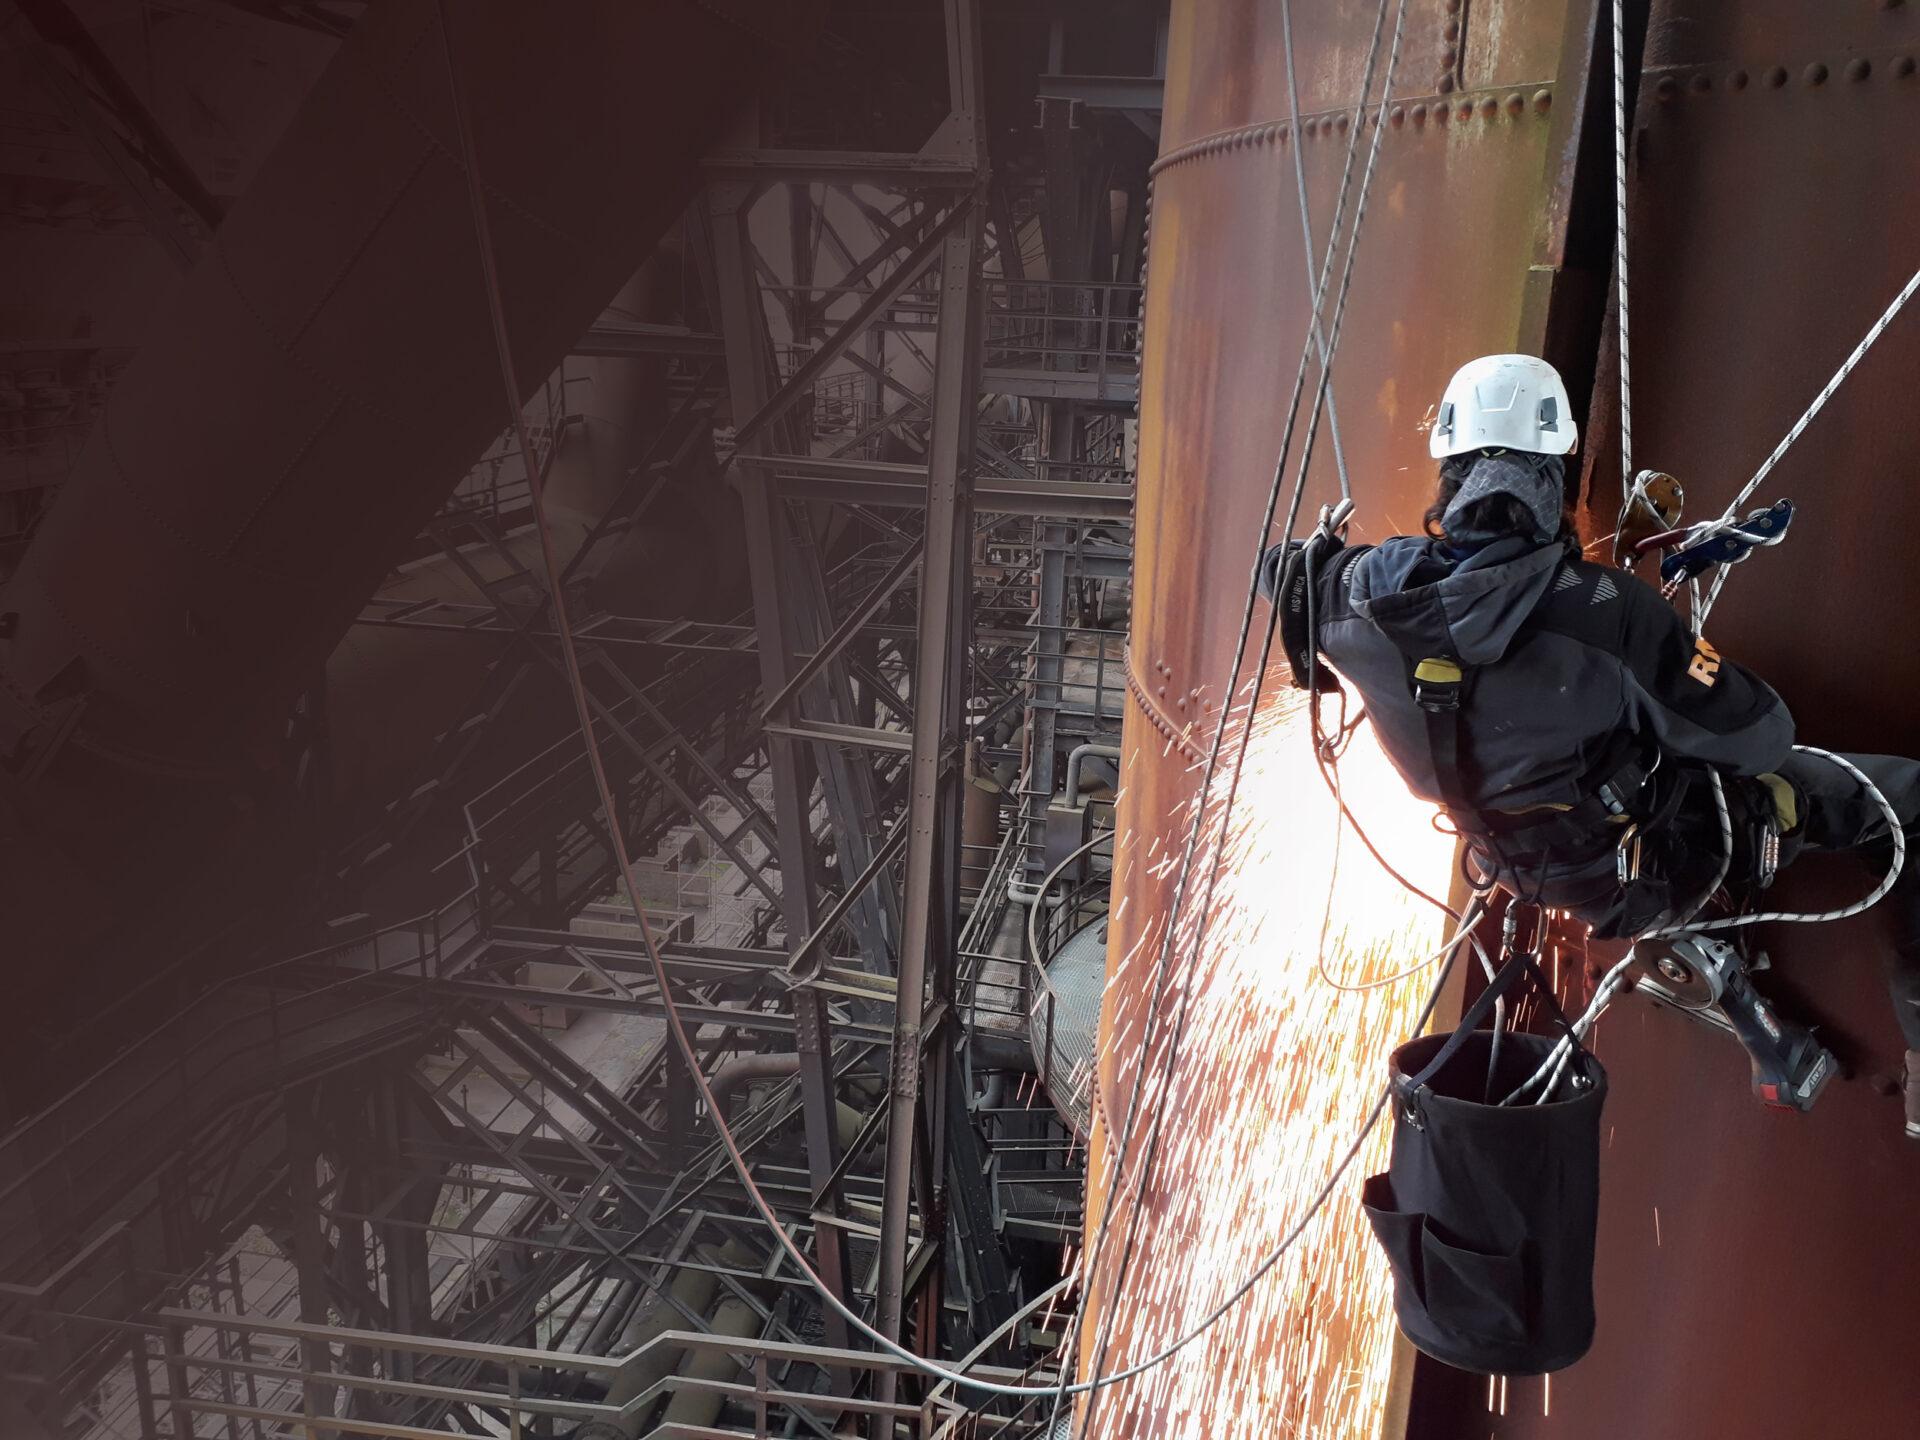 Teclimb Höhenarbeiter bei Schweißarbeiten in alter Industrieanlage